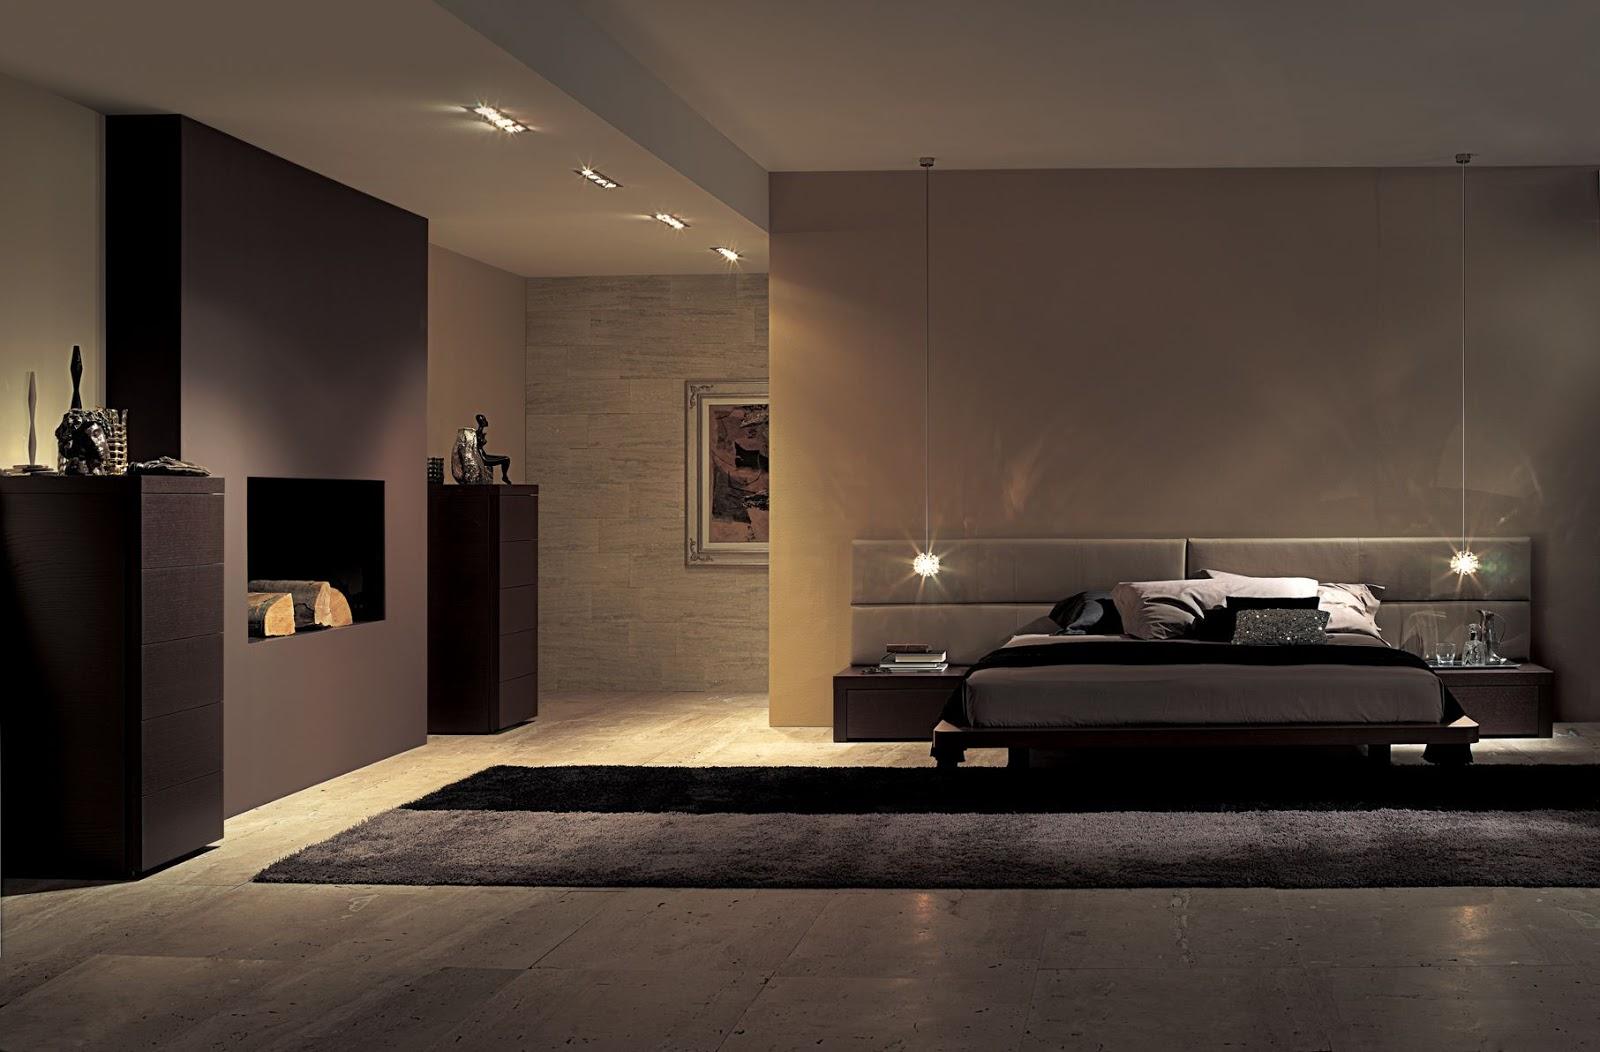 Muebles modernos minimalistas salas modernas recamaras for Interior design moderno